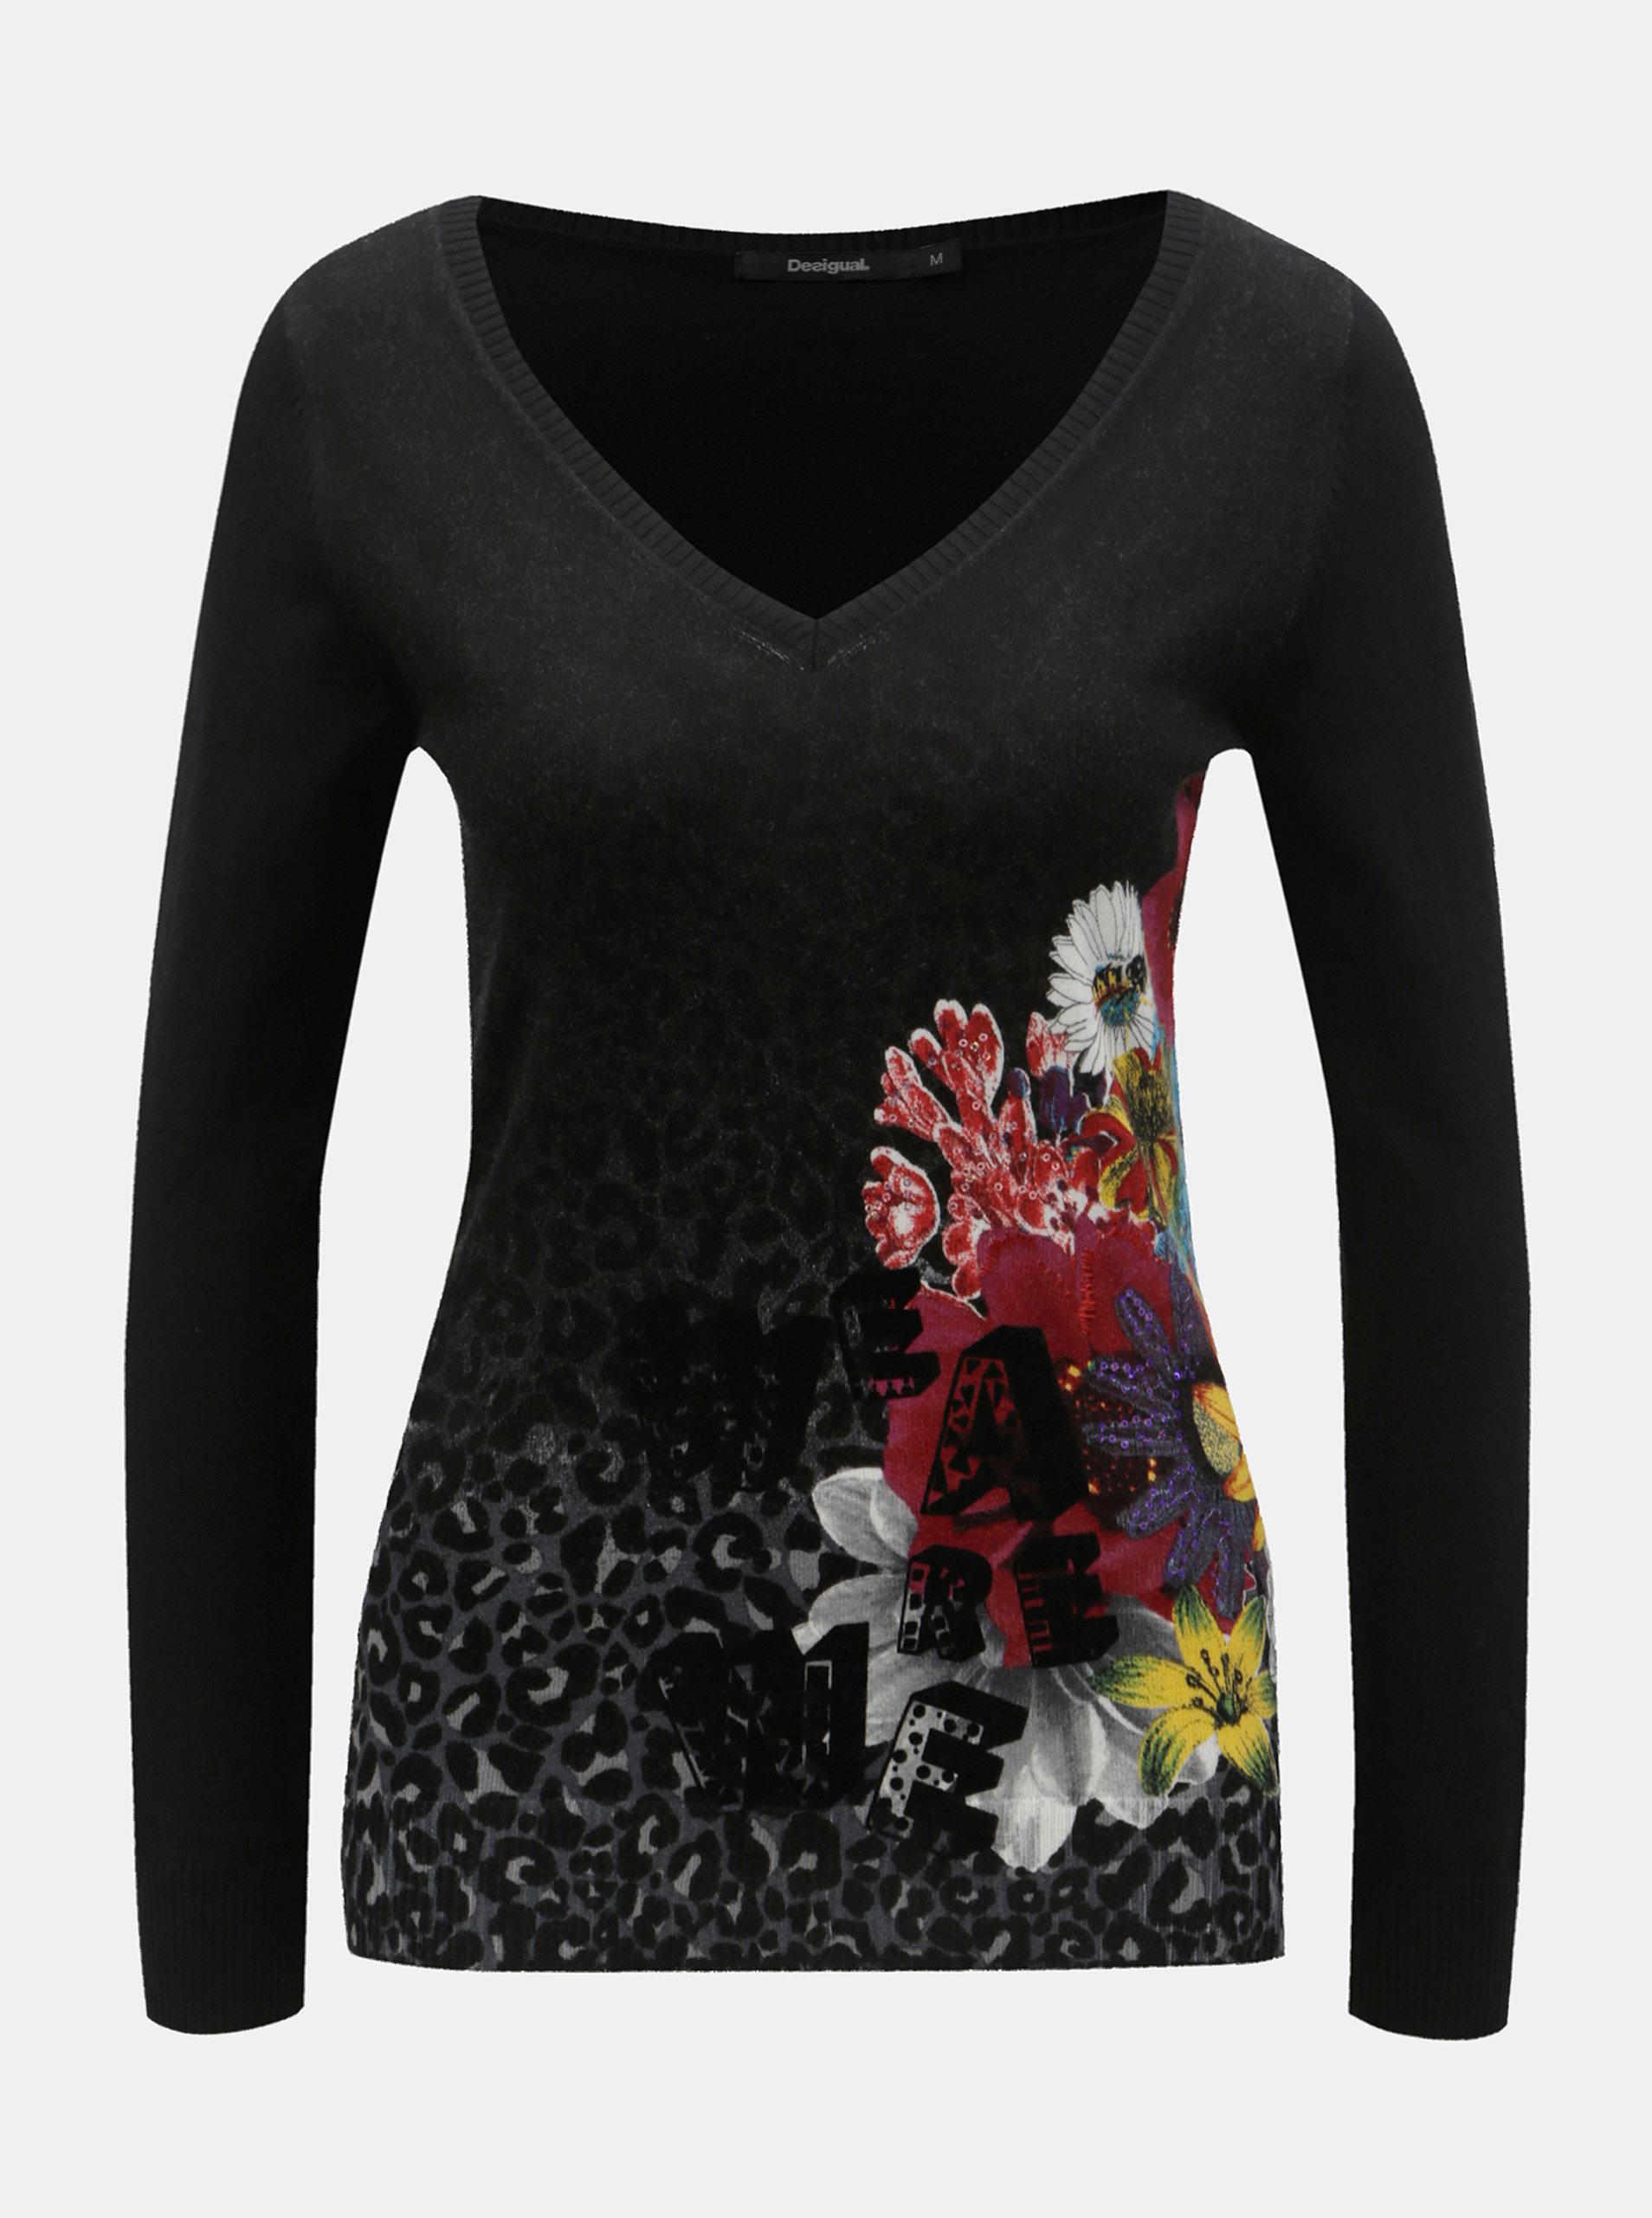 506b483e56 Čierny tenký sveter s motívom kvetov Desigual Paty | ZOOT.sk